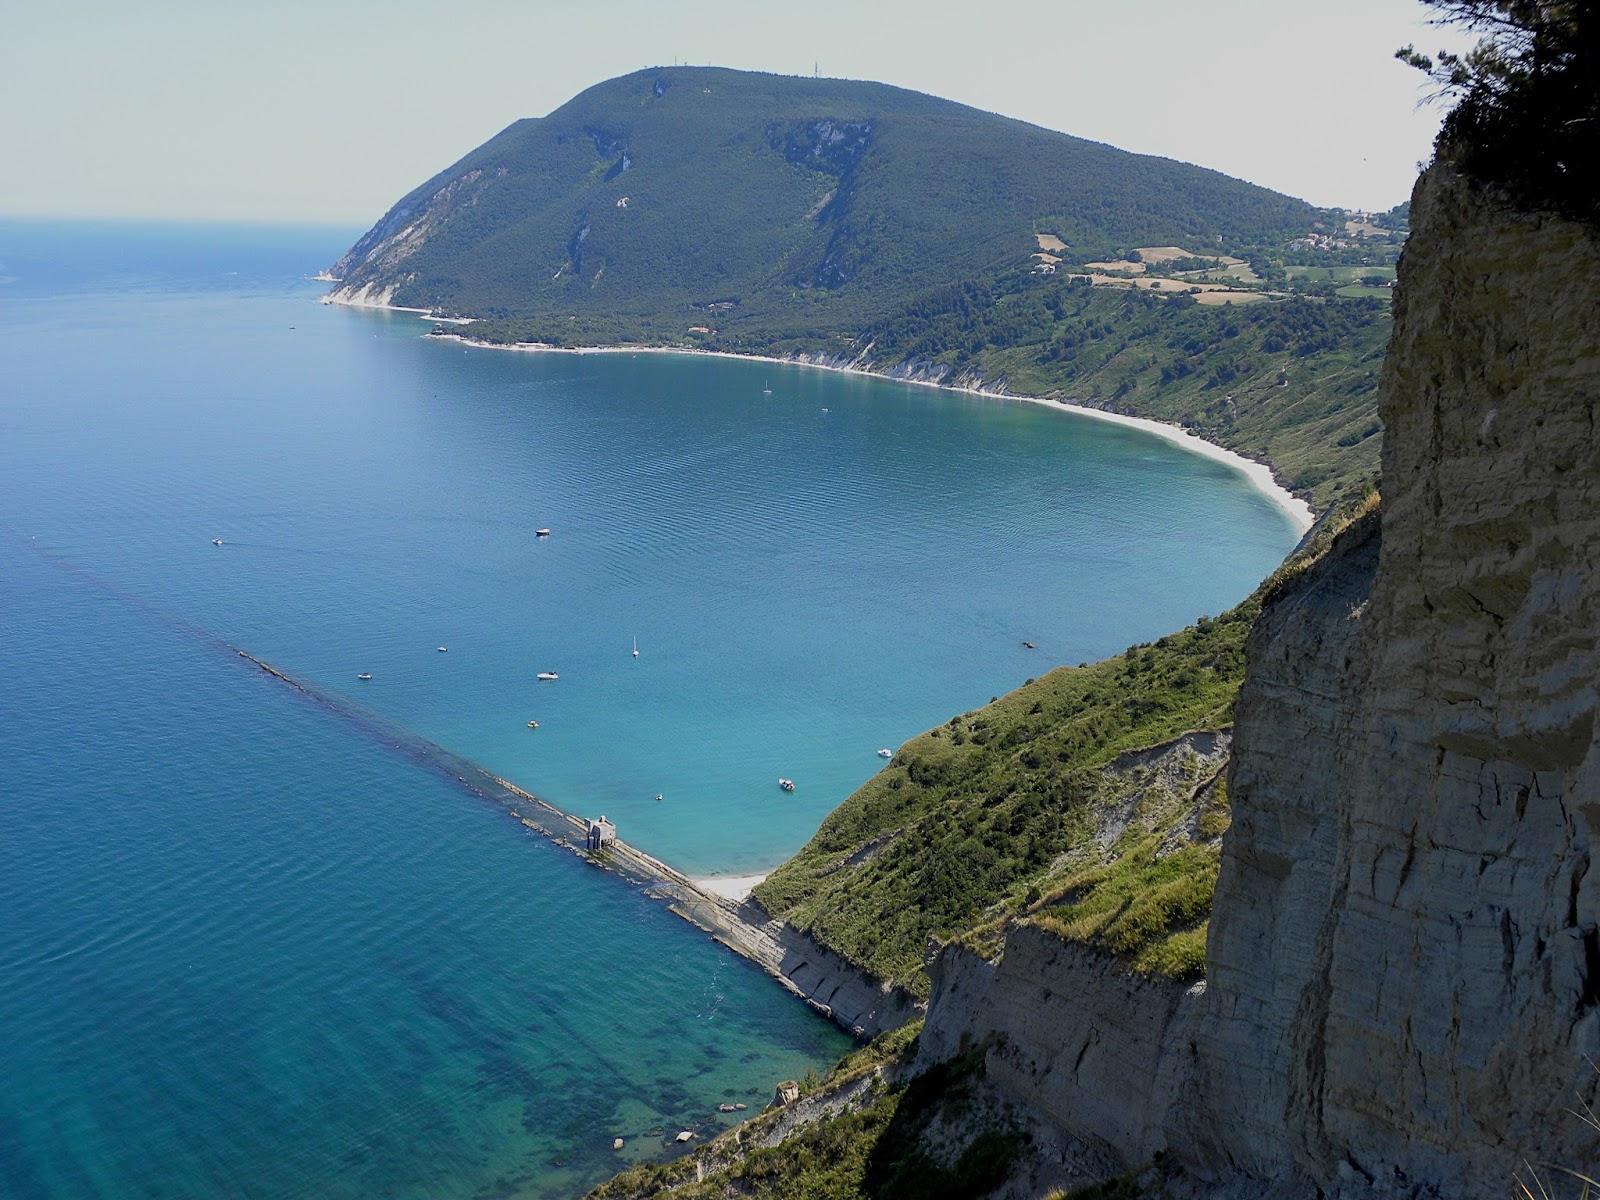 Cartina Marche Conero.La Traversata Del Monte Conero An 1 Di 2 The Marche Experience